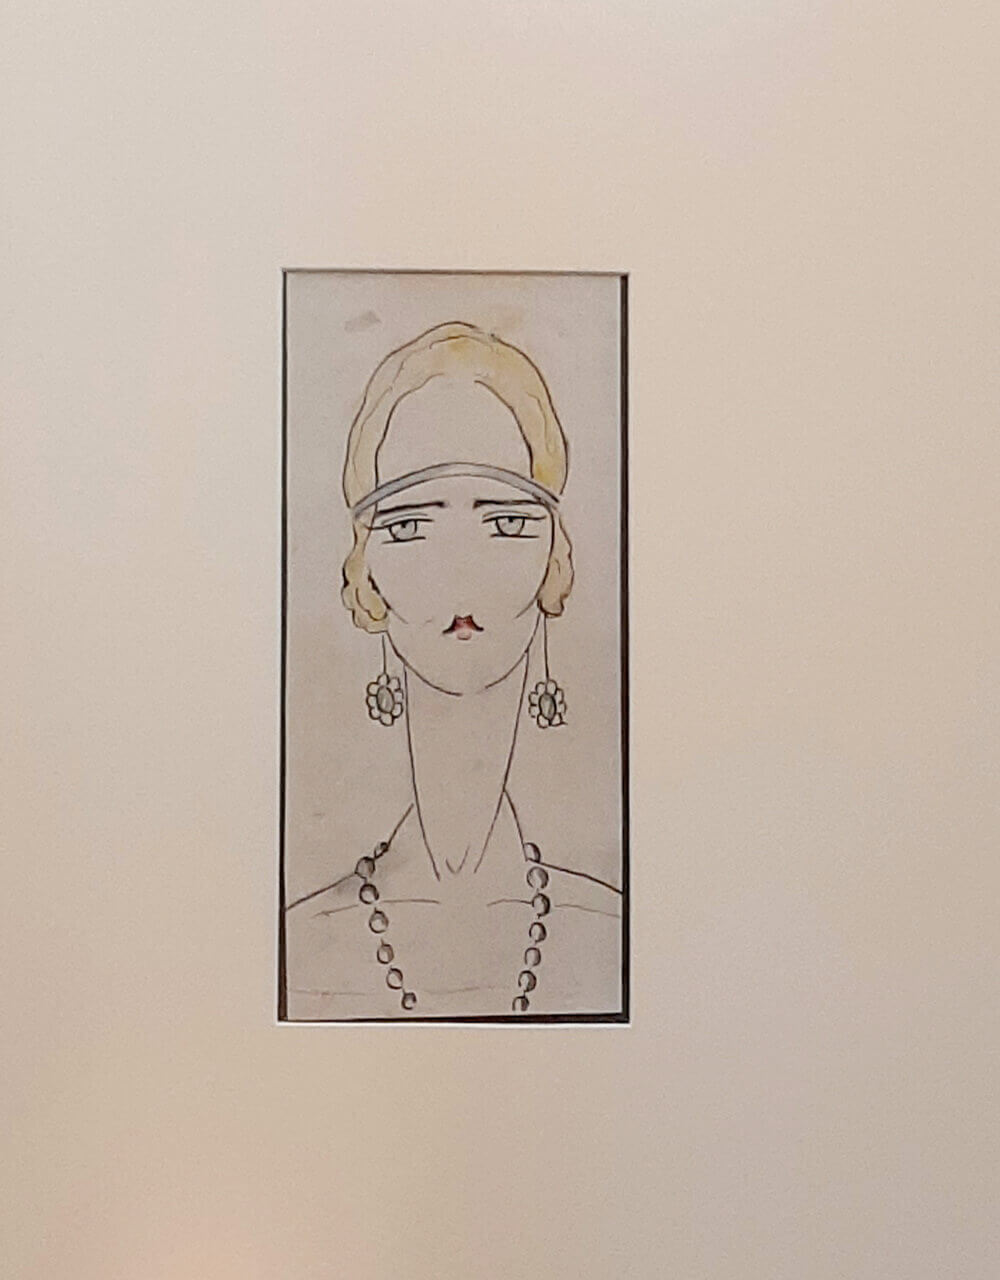 The caricature of Mary Karadjordjević